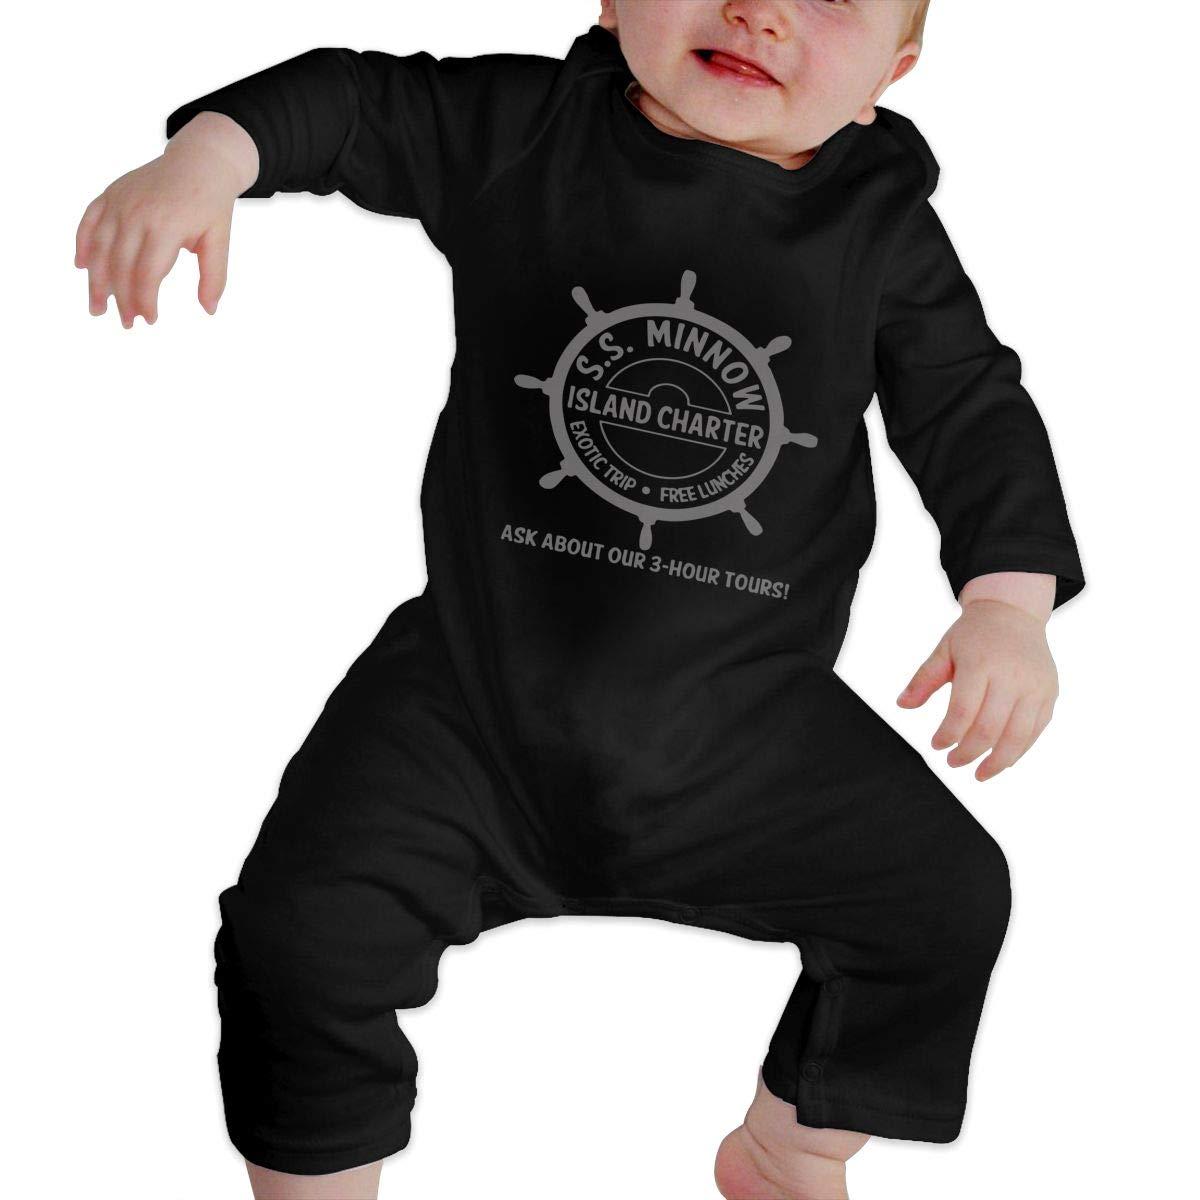 Minnow Tour Cotton Romper Db84UR@5p Infant Baby Girls Boys Long Sleeve Jumpsuit Warm S.S